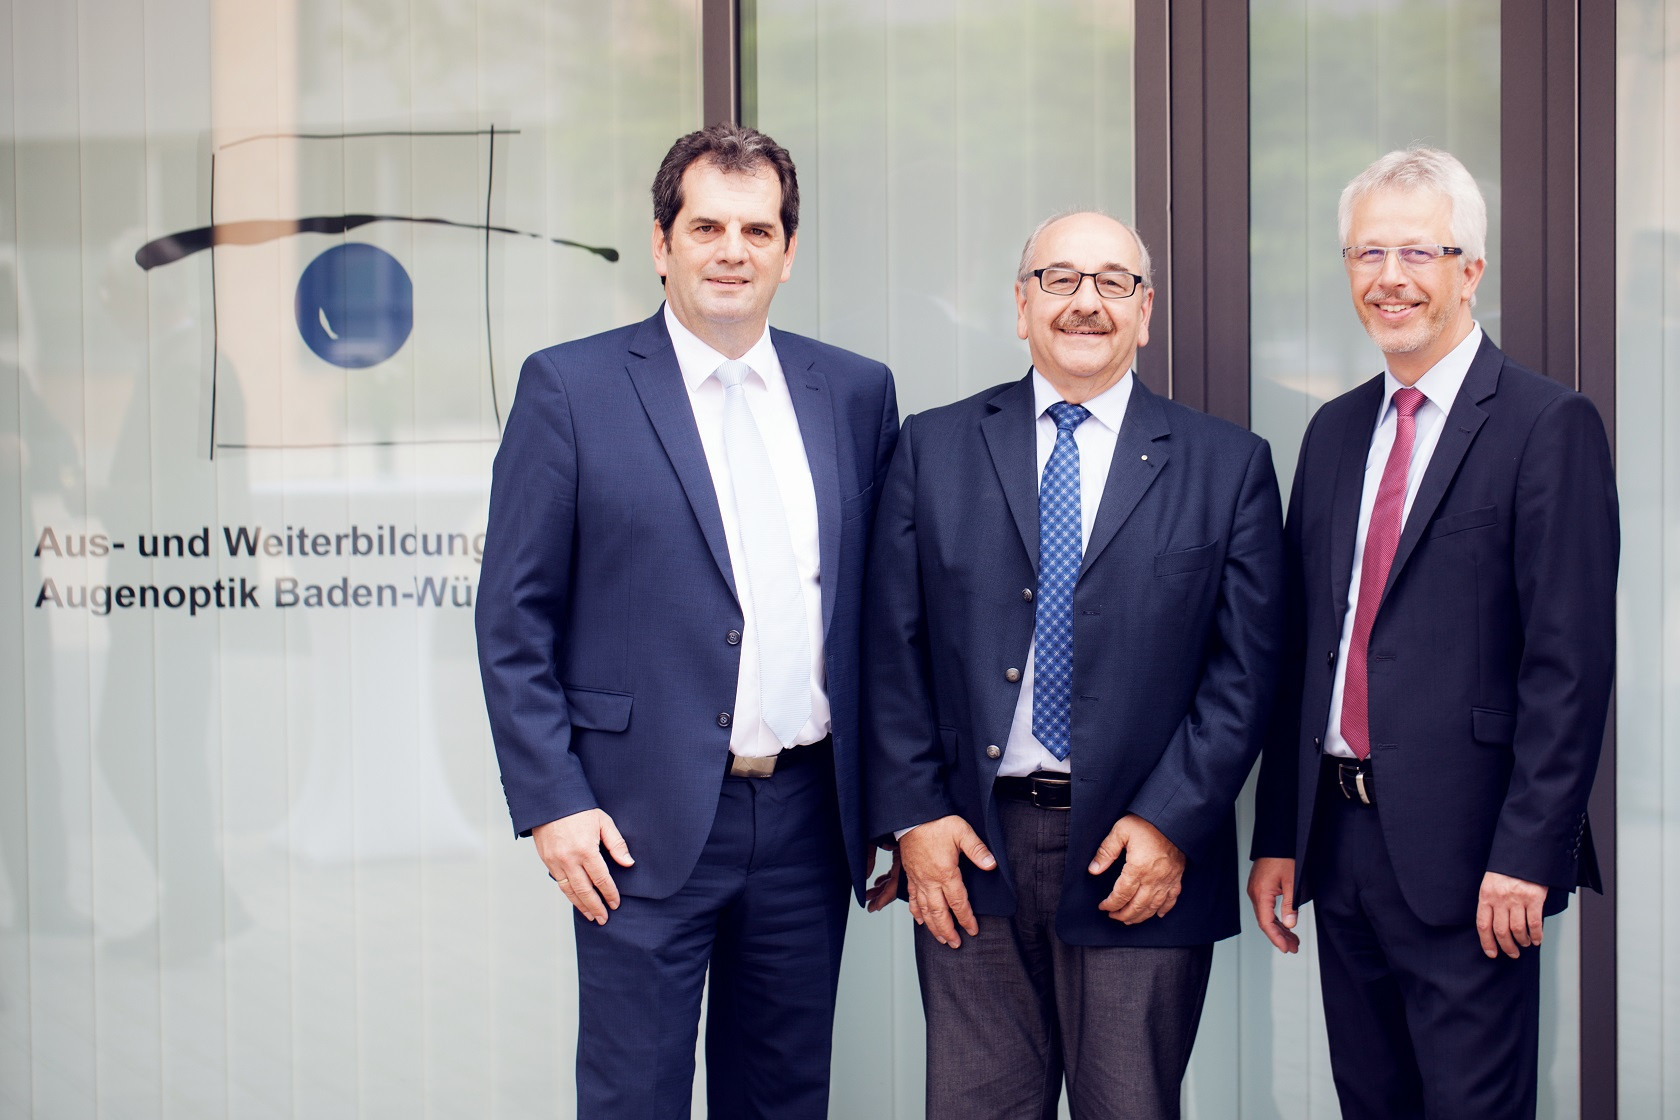 Feierliche Eröffnung Herbert Schäffner